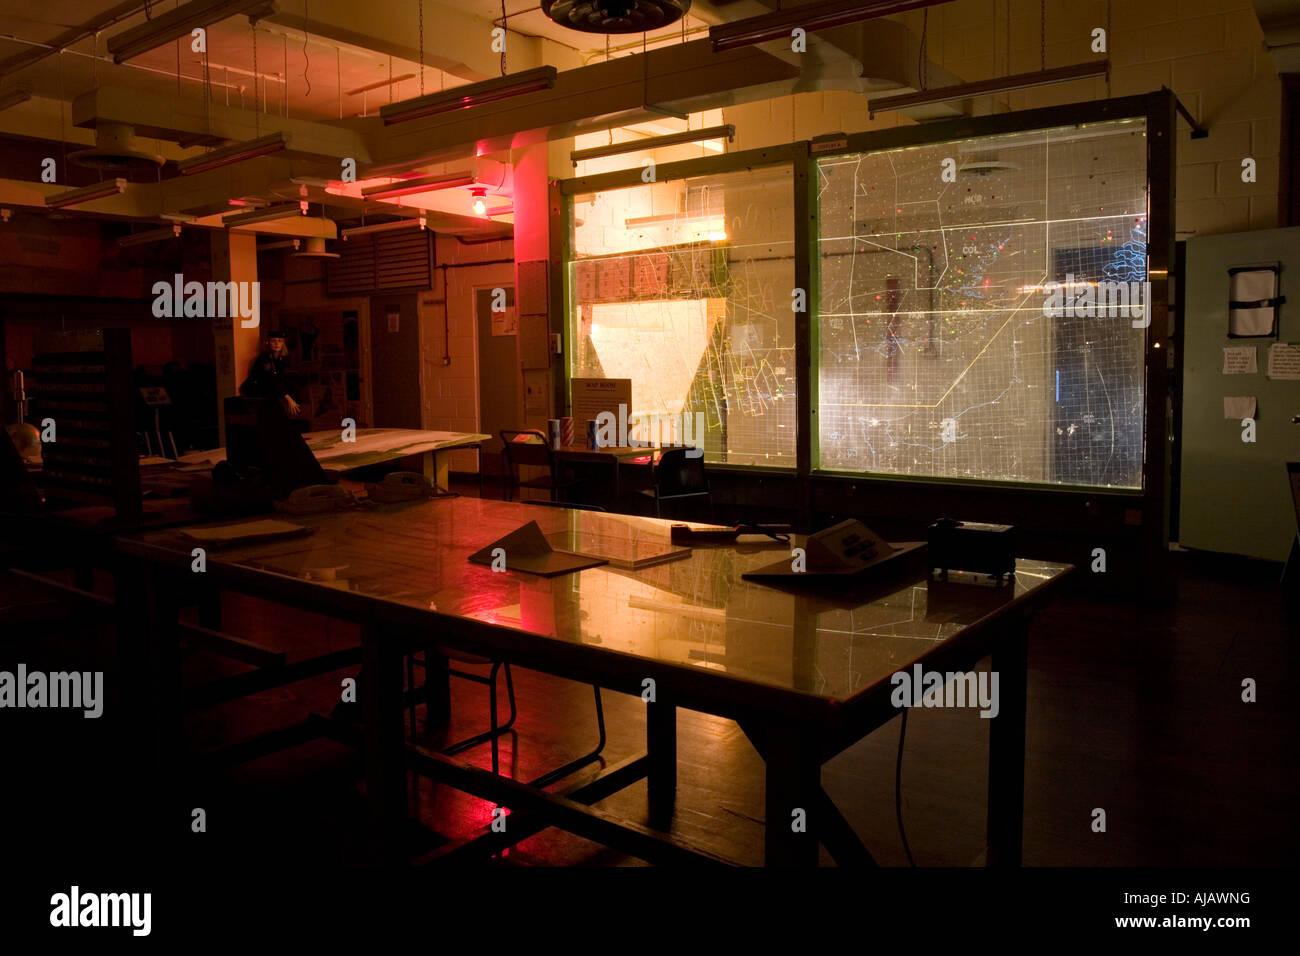 Centre de commande de rantere, maintenant ouverte au public. Photo Stock